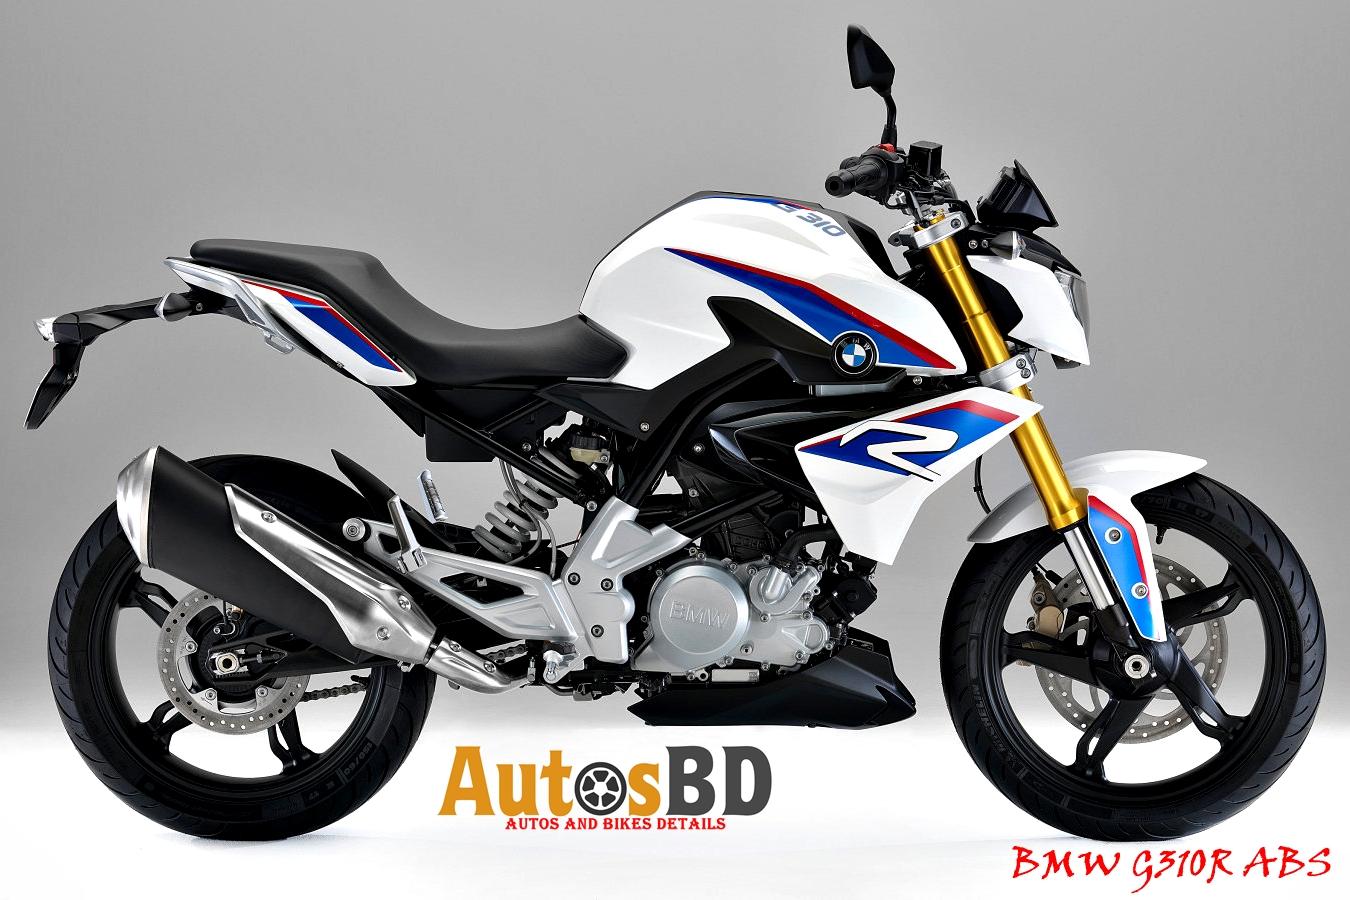 BMW G310R ABS